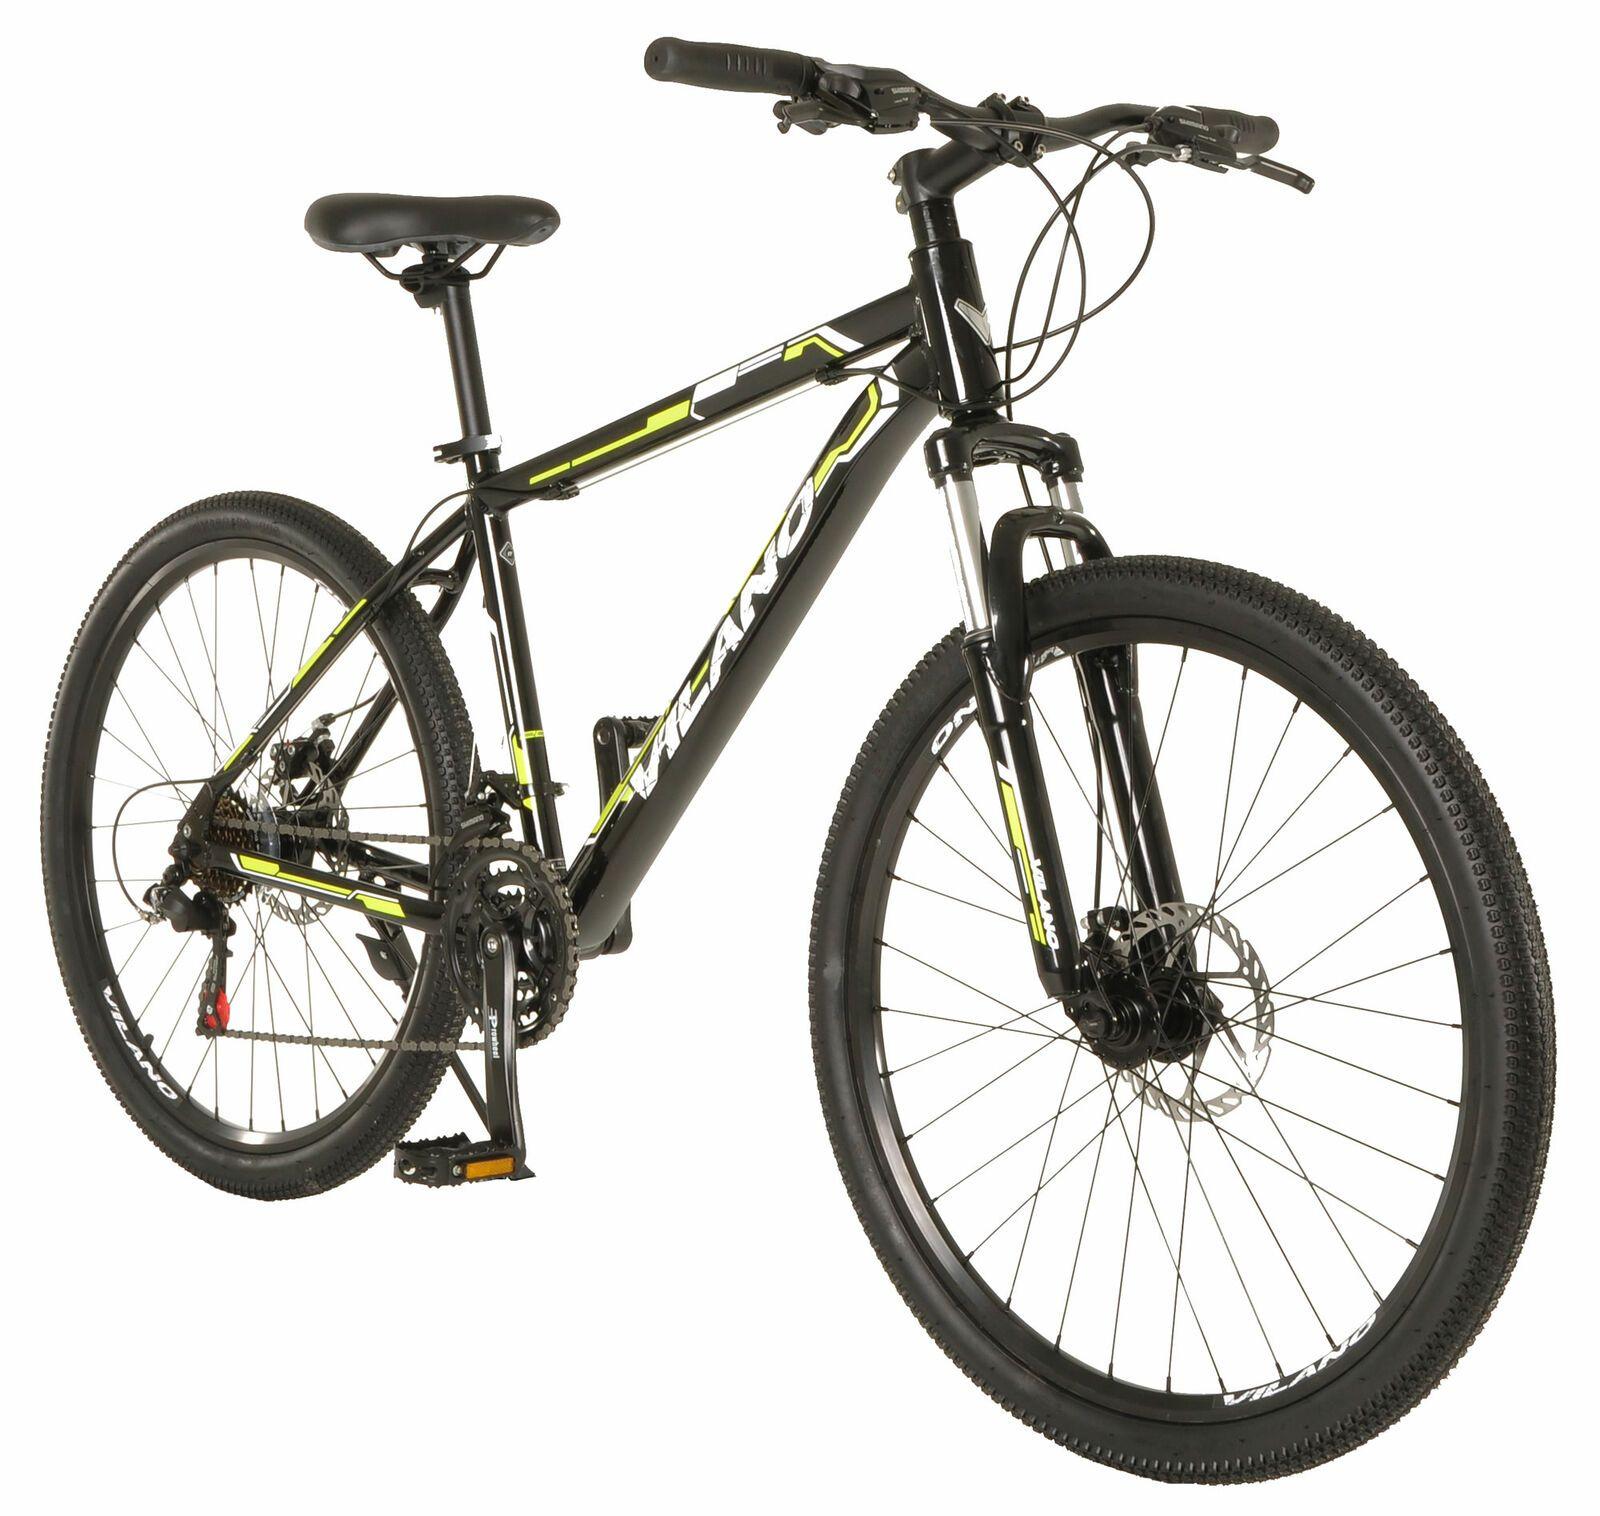 Vilano Ridge 1 0 Mountain Bike Mtb 21 Speed With Disc Brakes